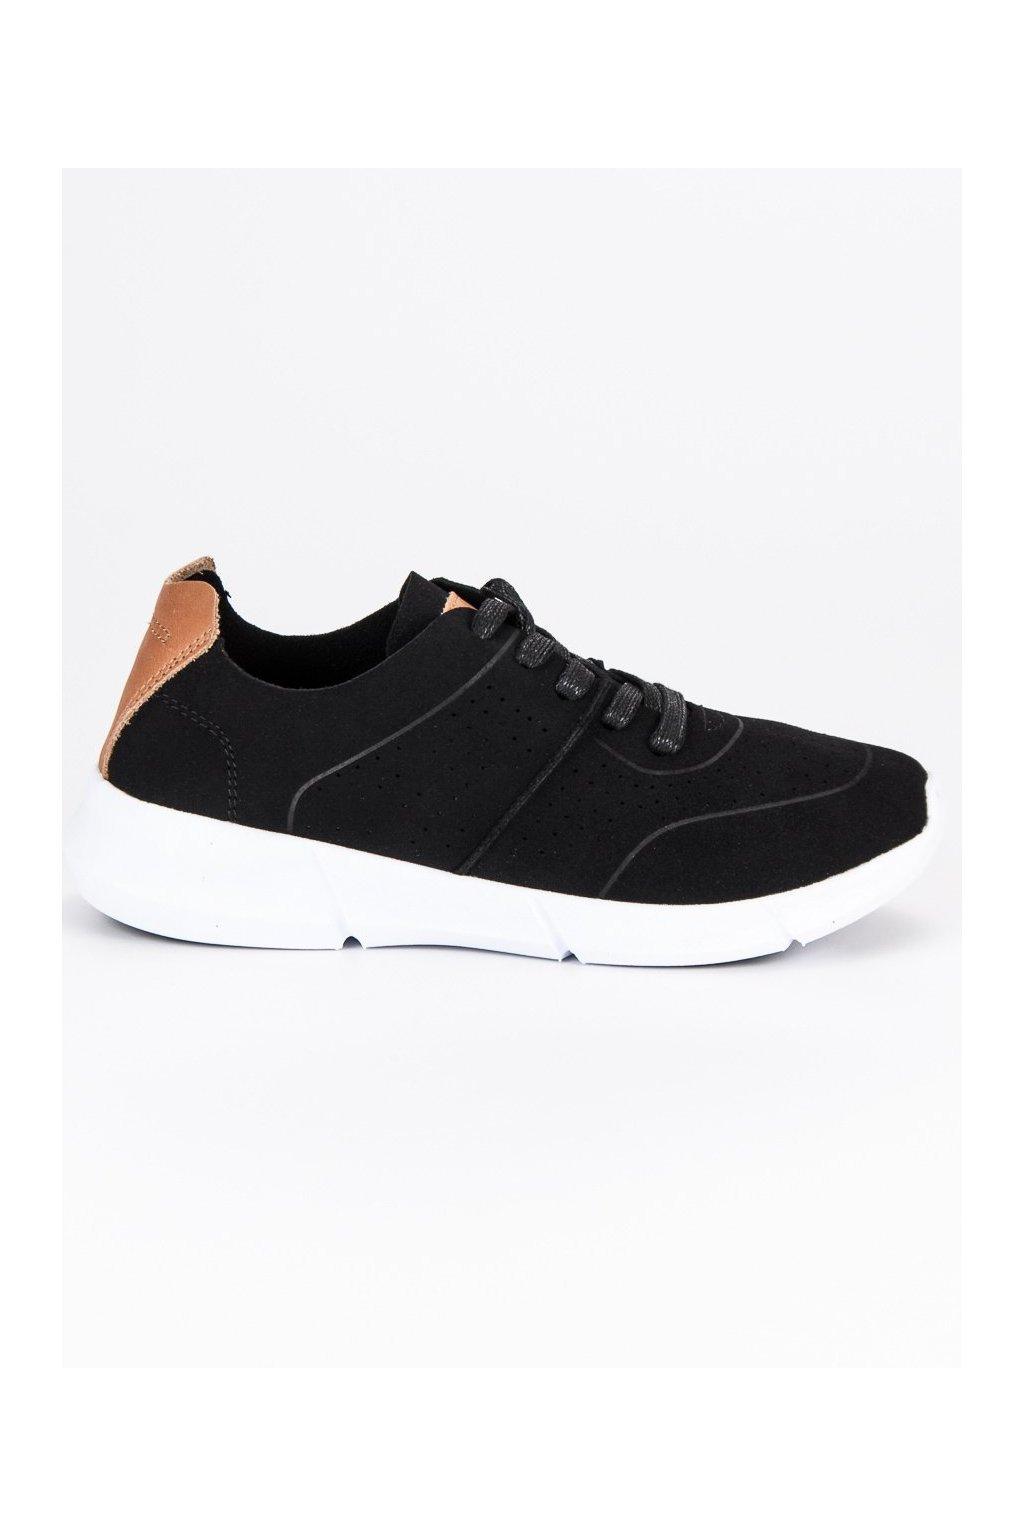 Dámske čierne botasky Filippo